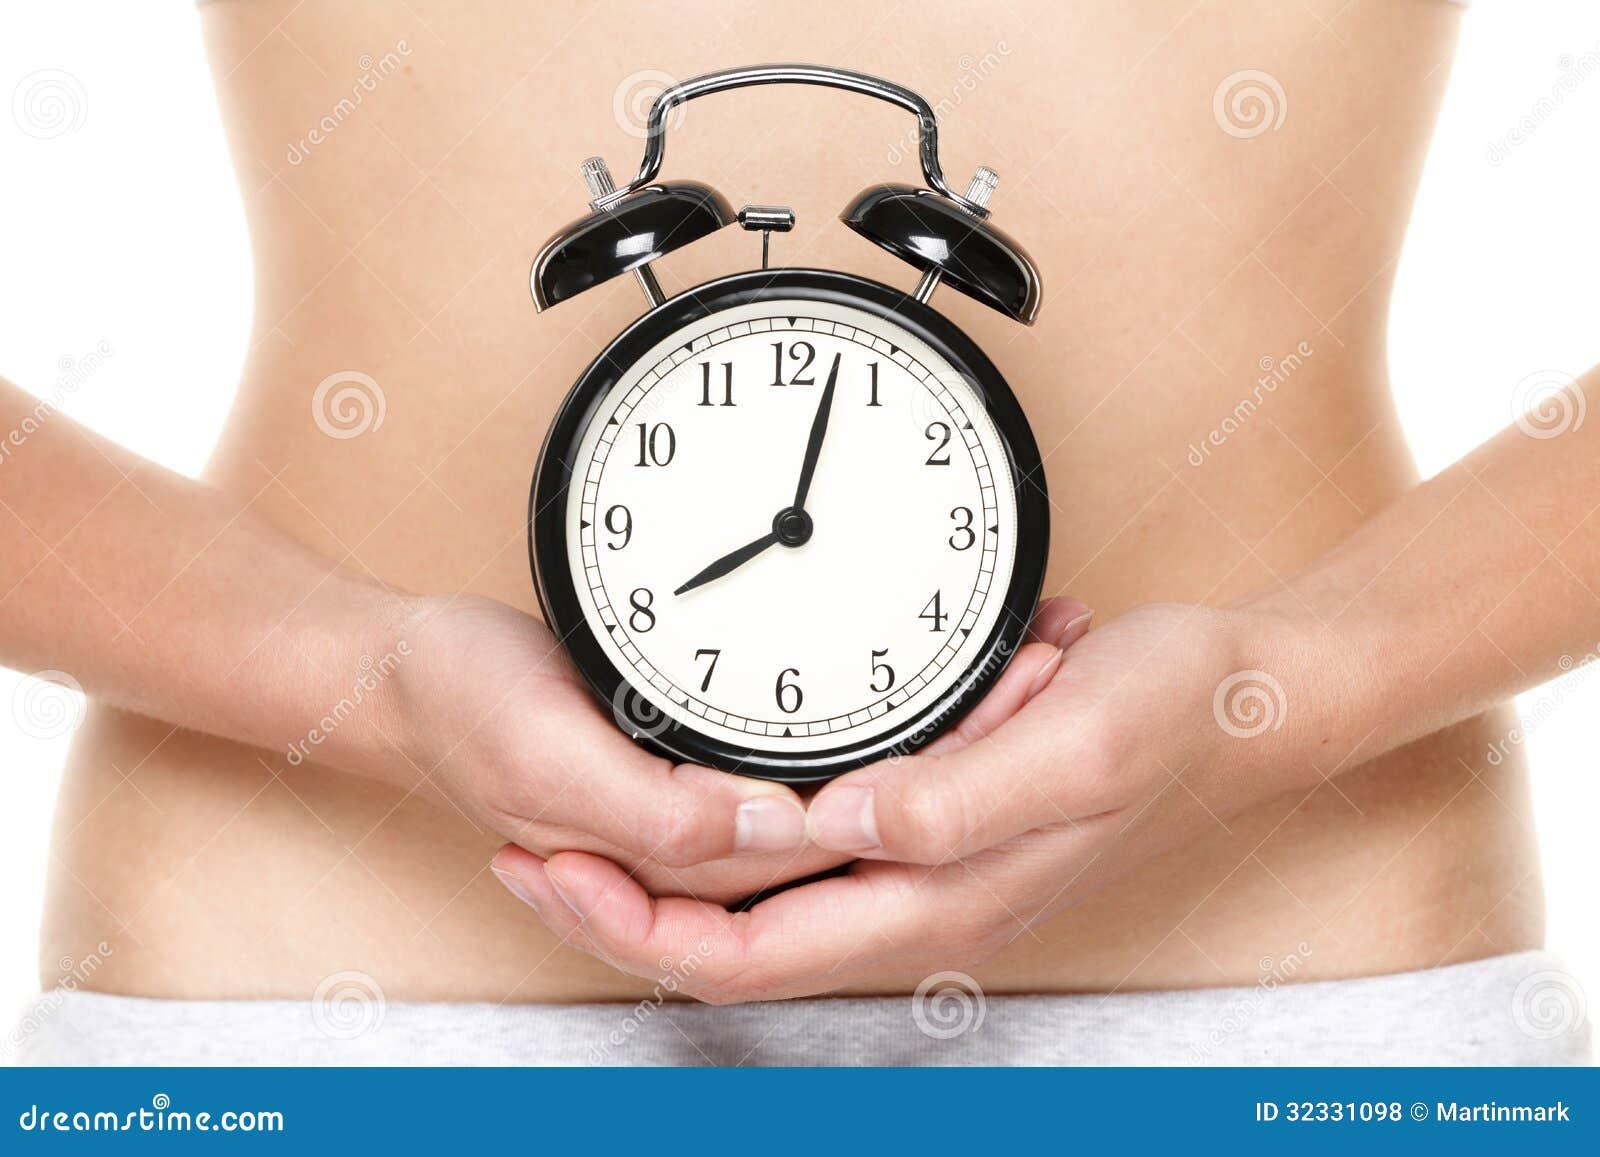 Horloge biologique faisant tic tac - montre de participation de femme